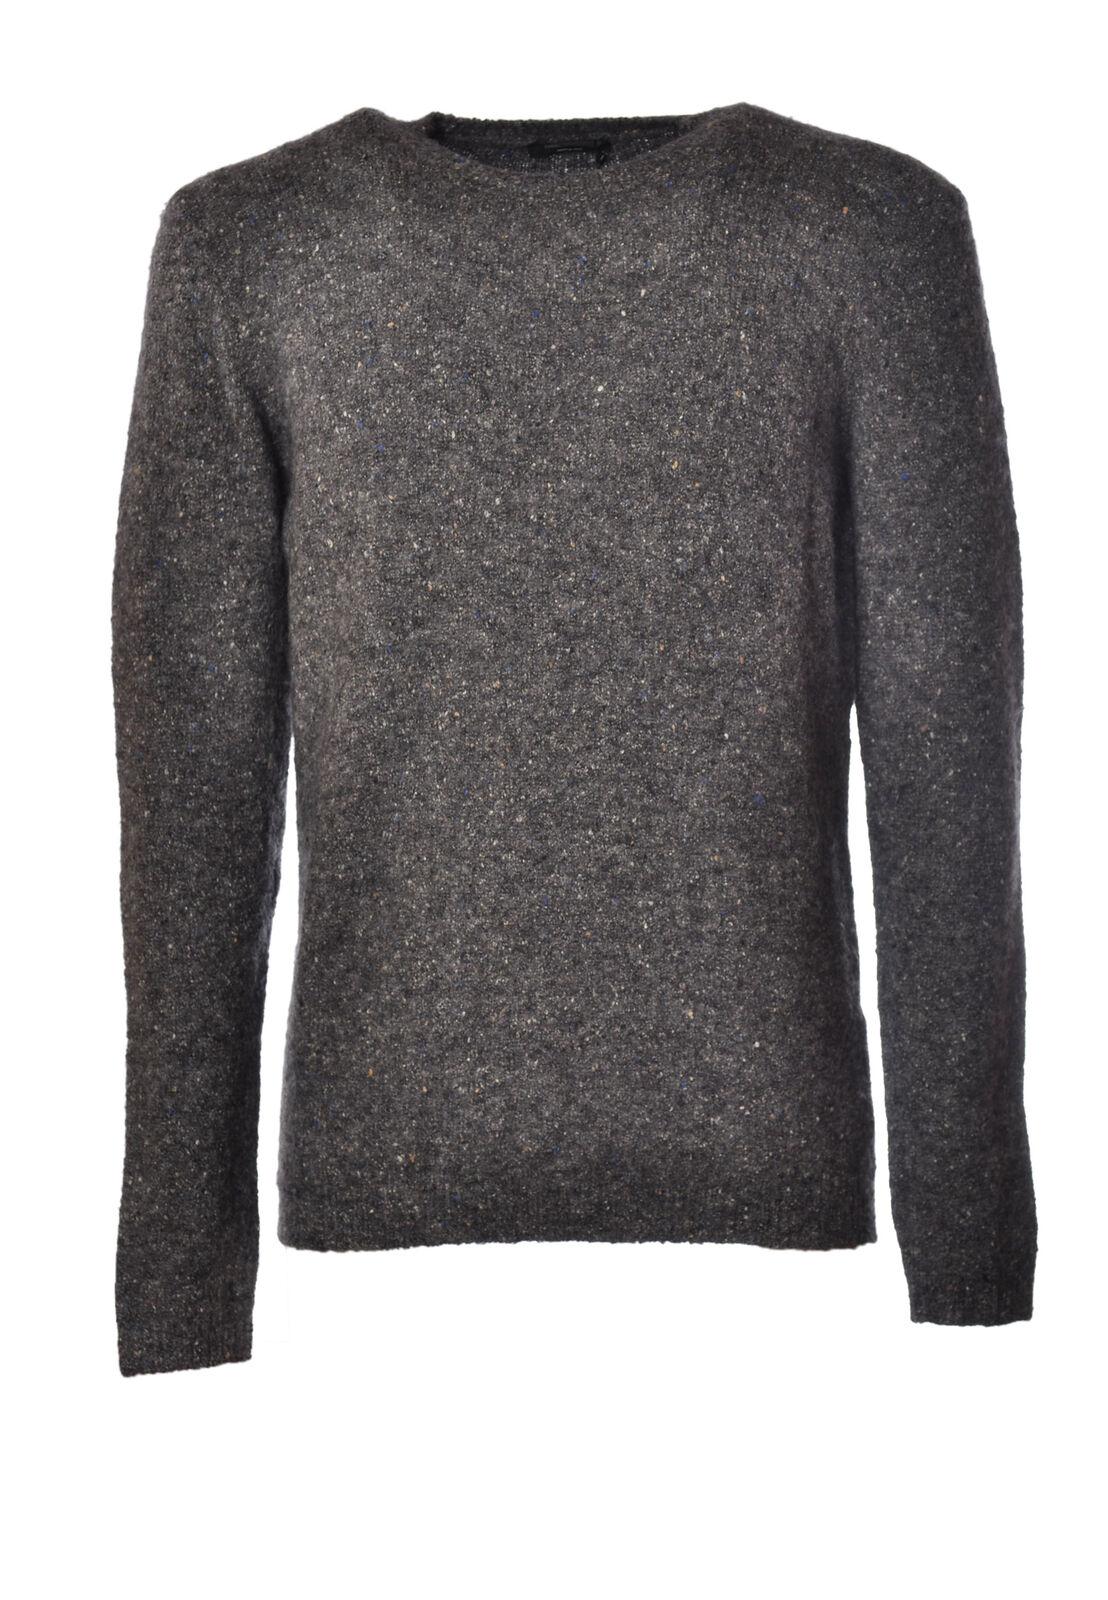 Roberto Collina  -  Sweaters - Male - Grey - 2427426N173818